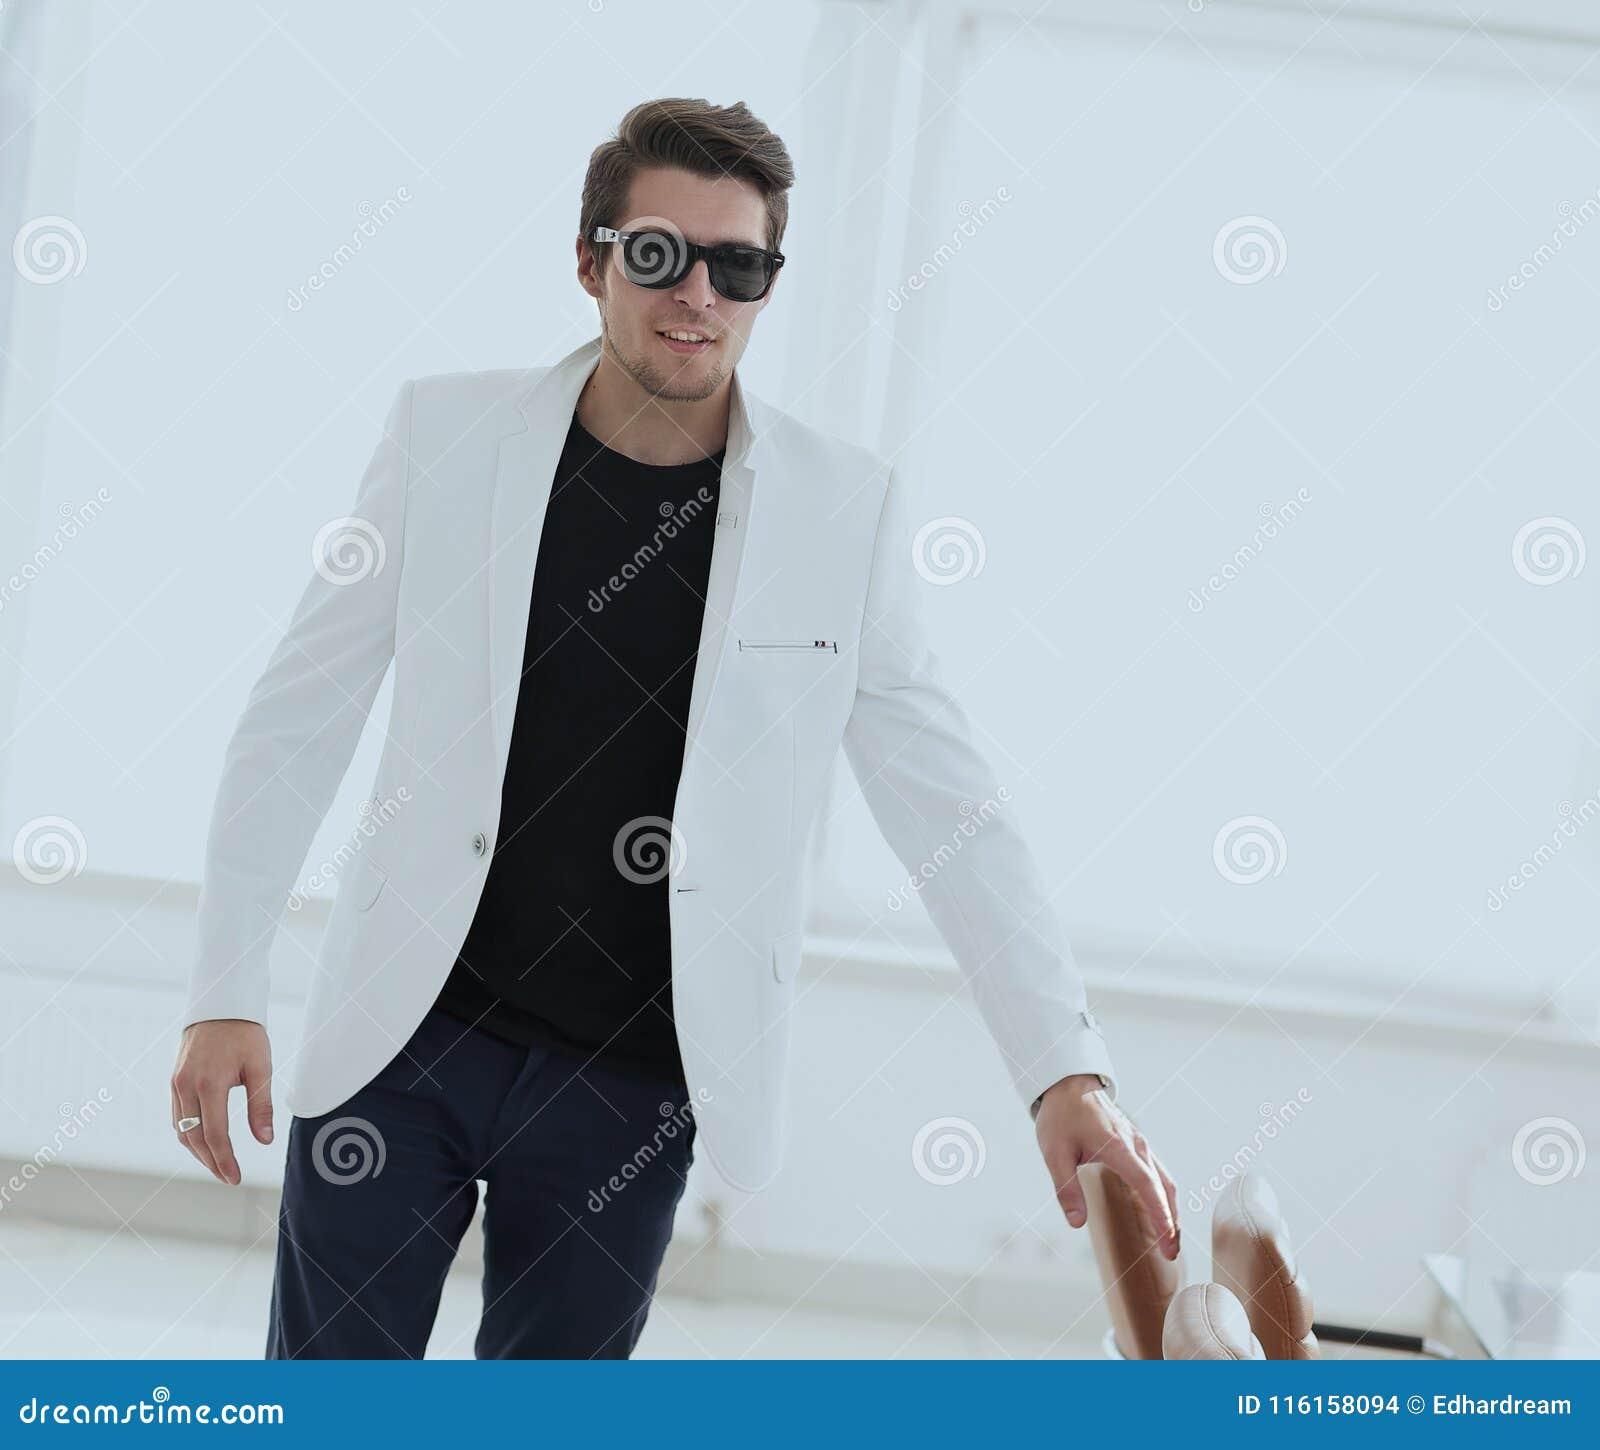 Uomo Alla Moda Bello In Vestito Elegante Bianco Fotografia Stock ... e3b42580f0e